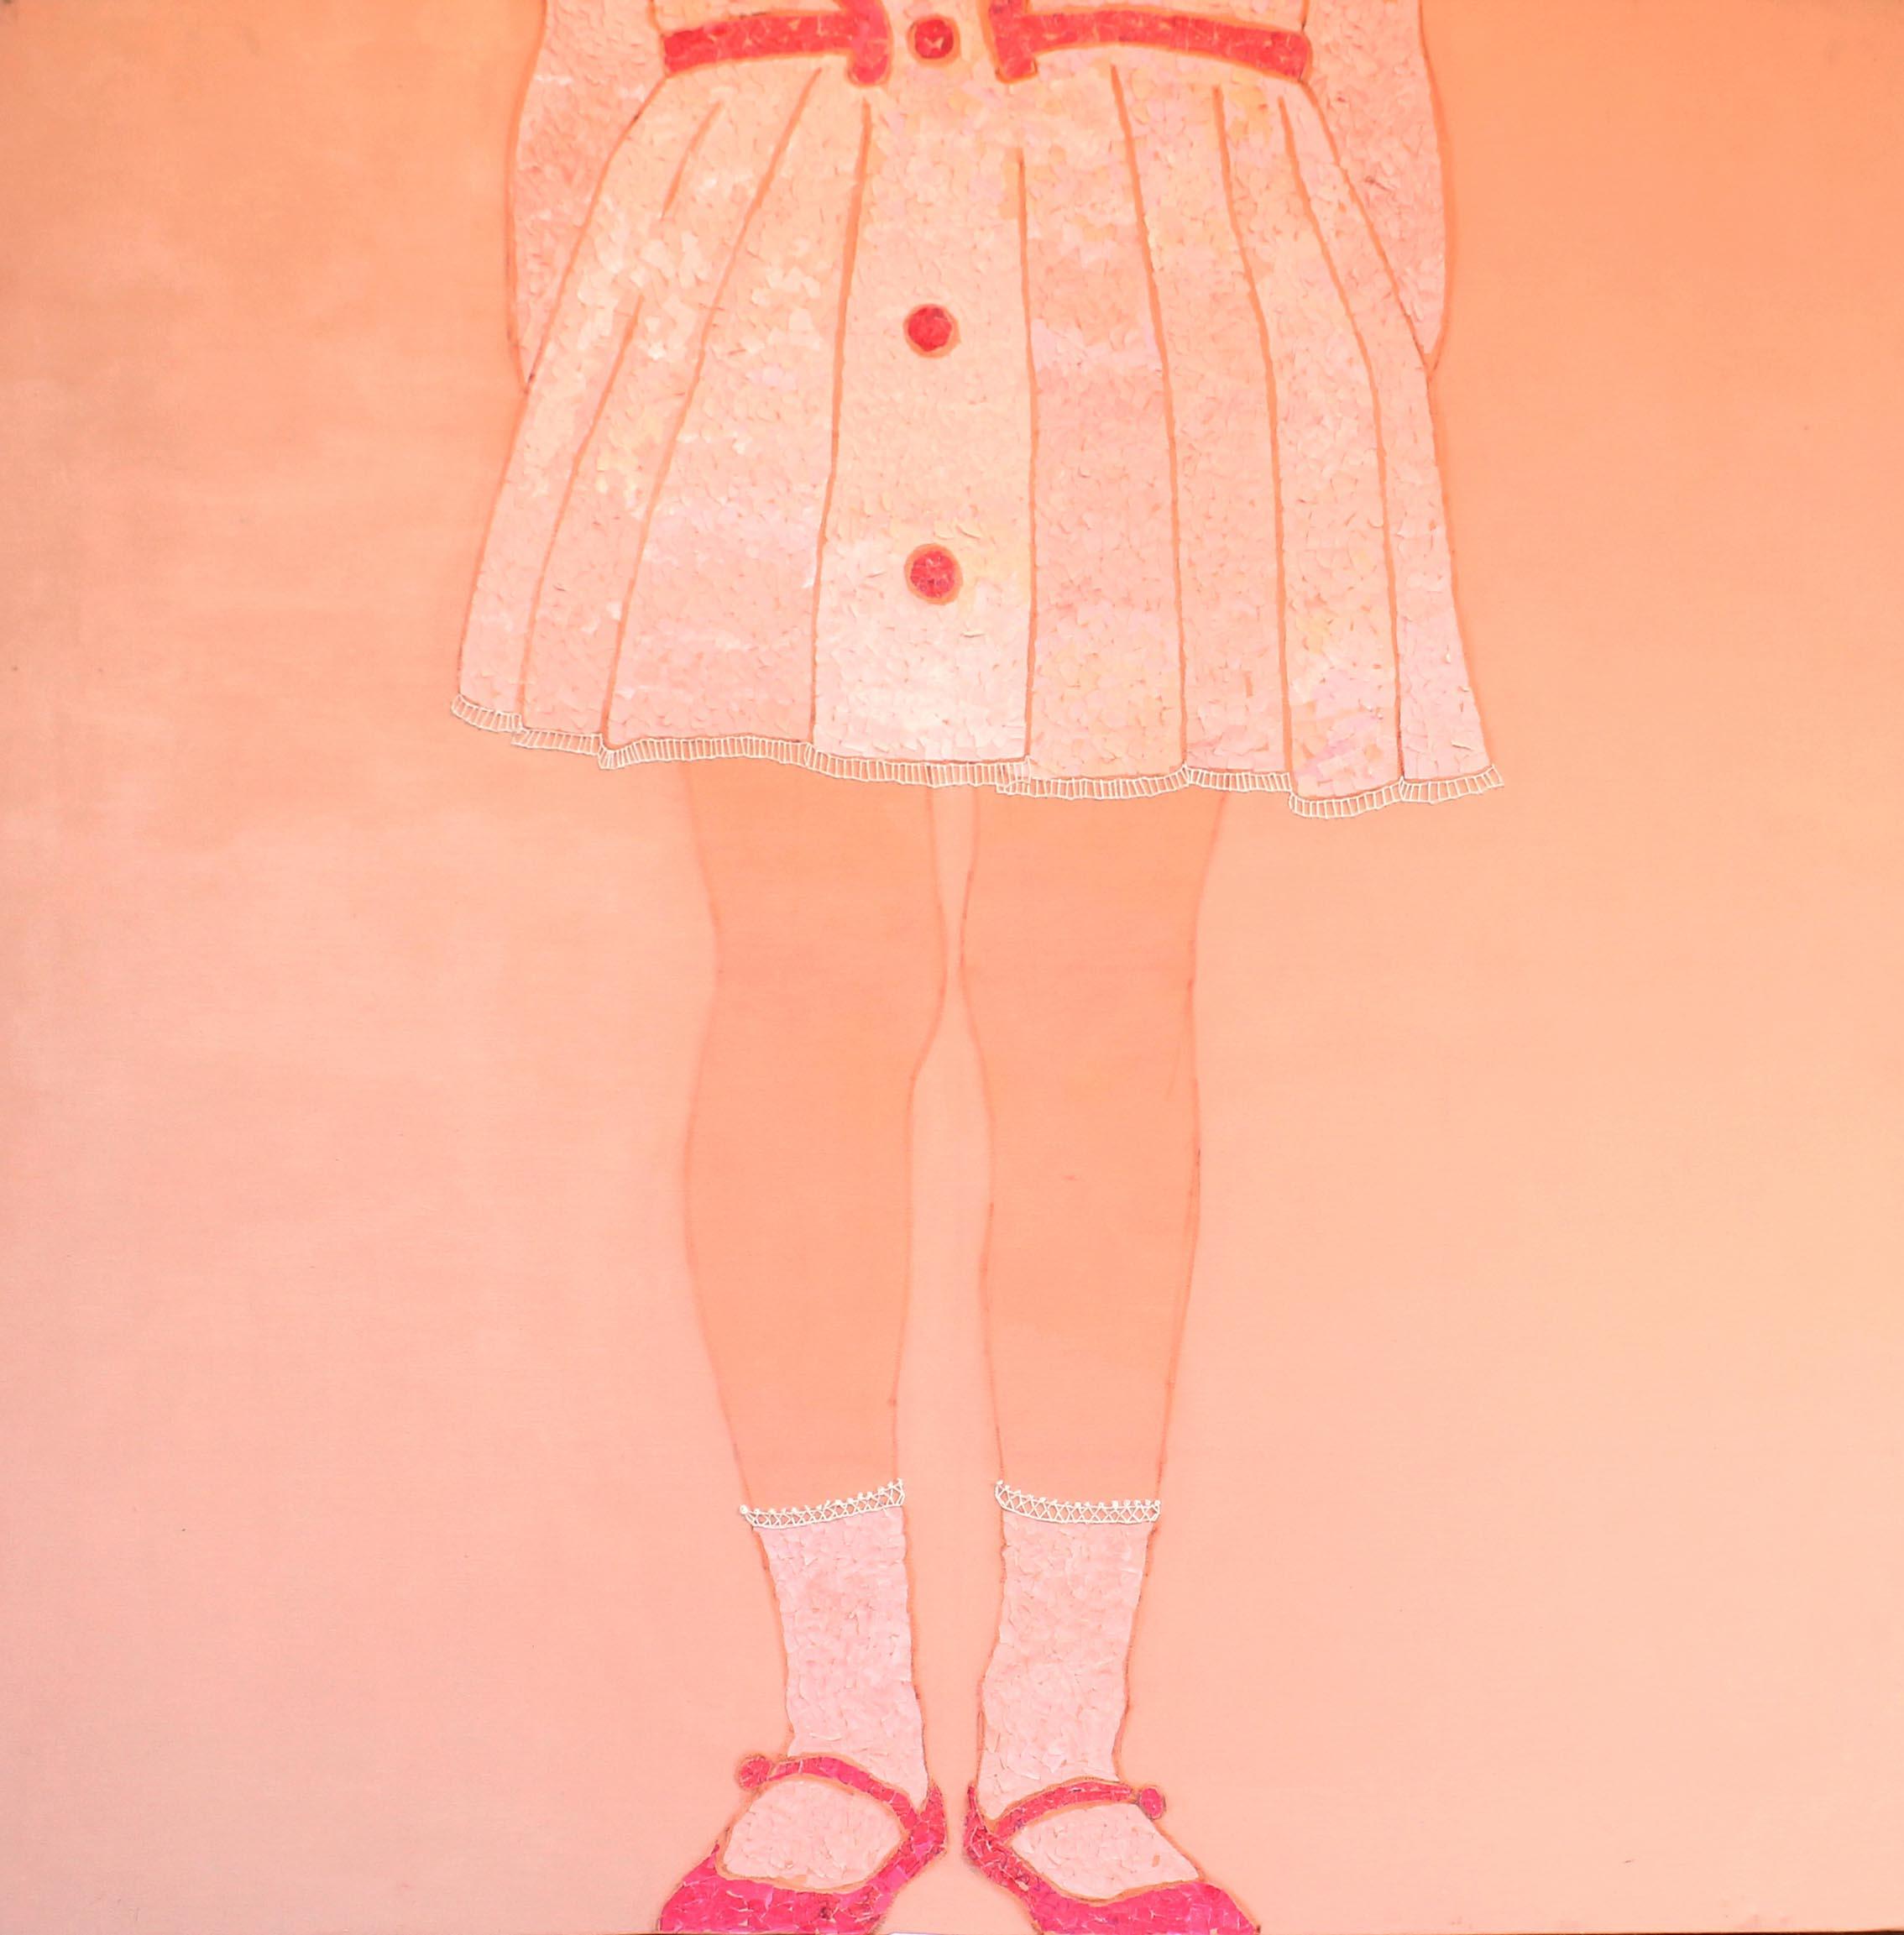 Senza titolo, |acrilco e carta colorata su tela, 100x100cm, 2013